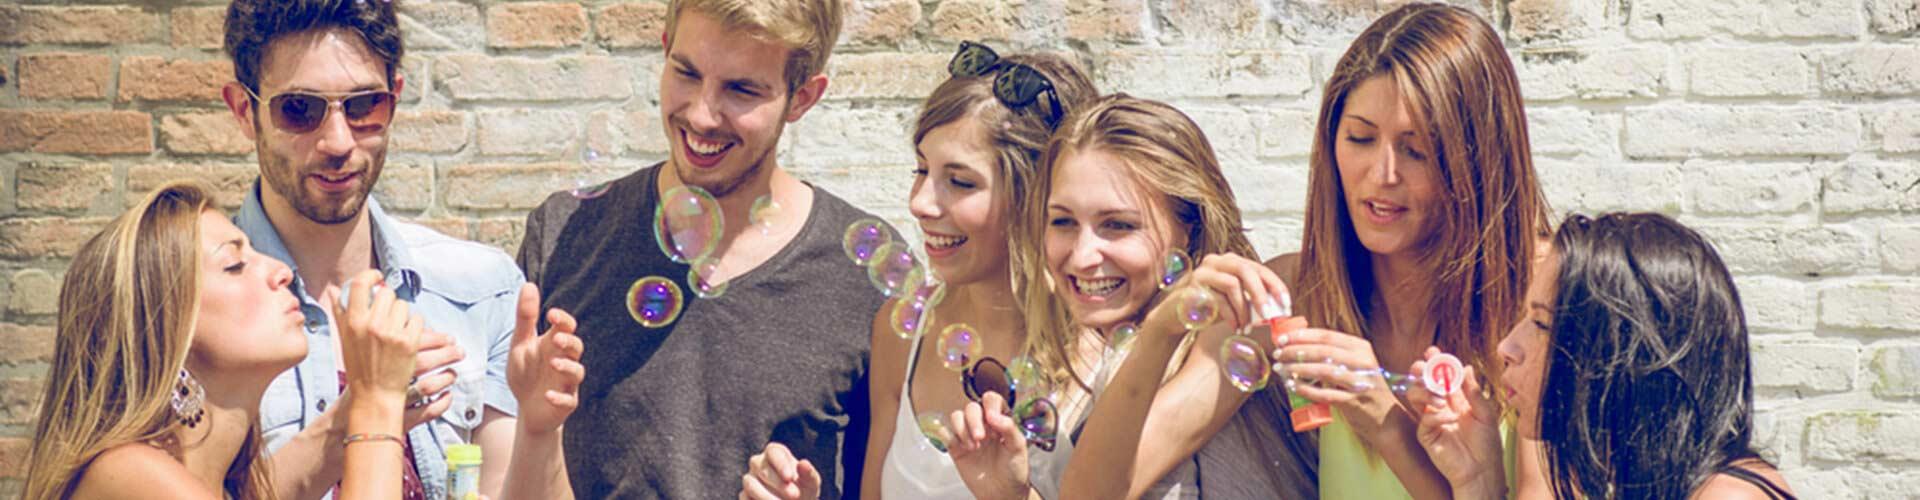 AubergesDeJeunesse.com Auberges De Jeunesse